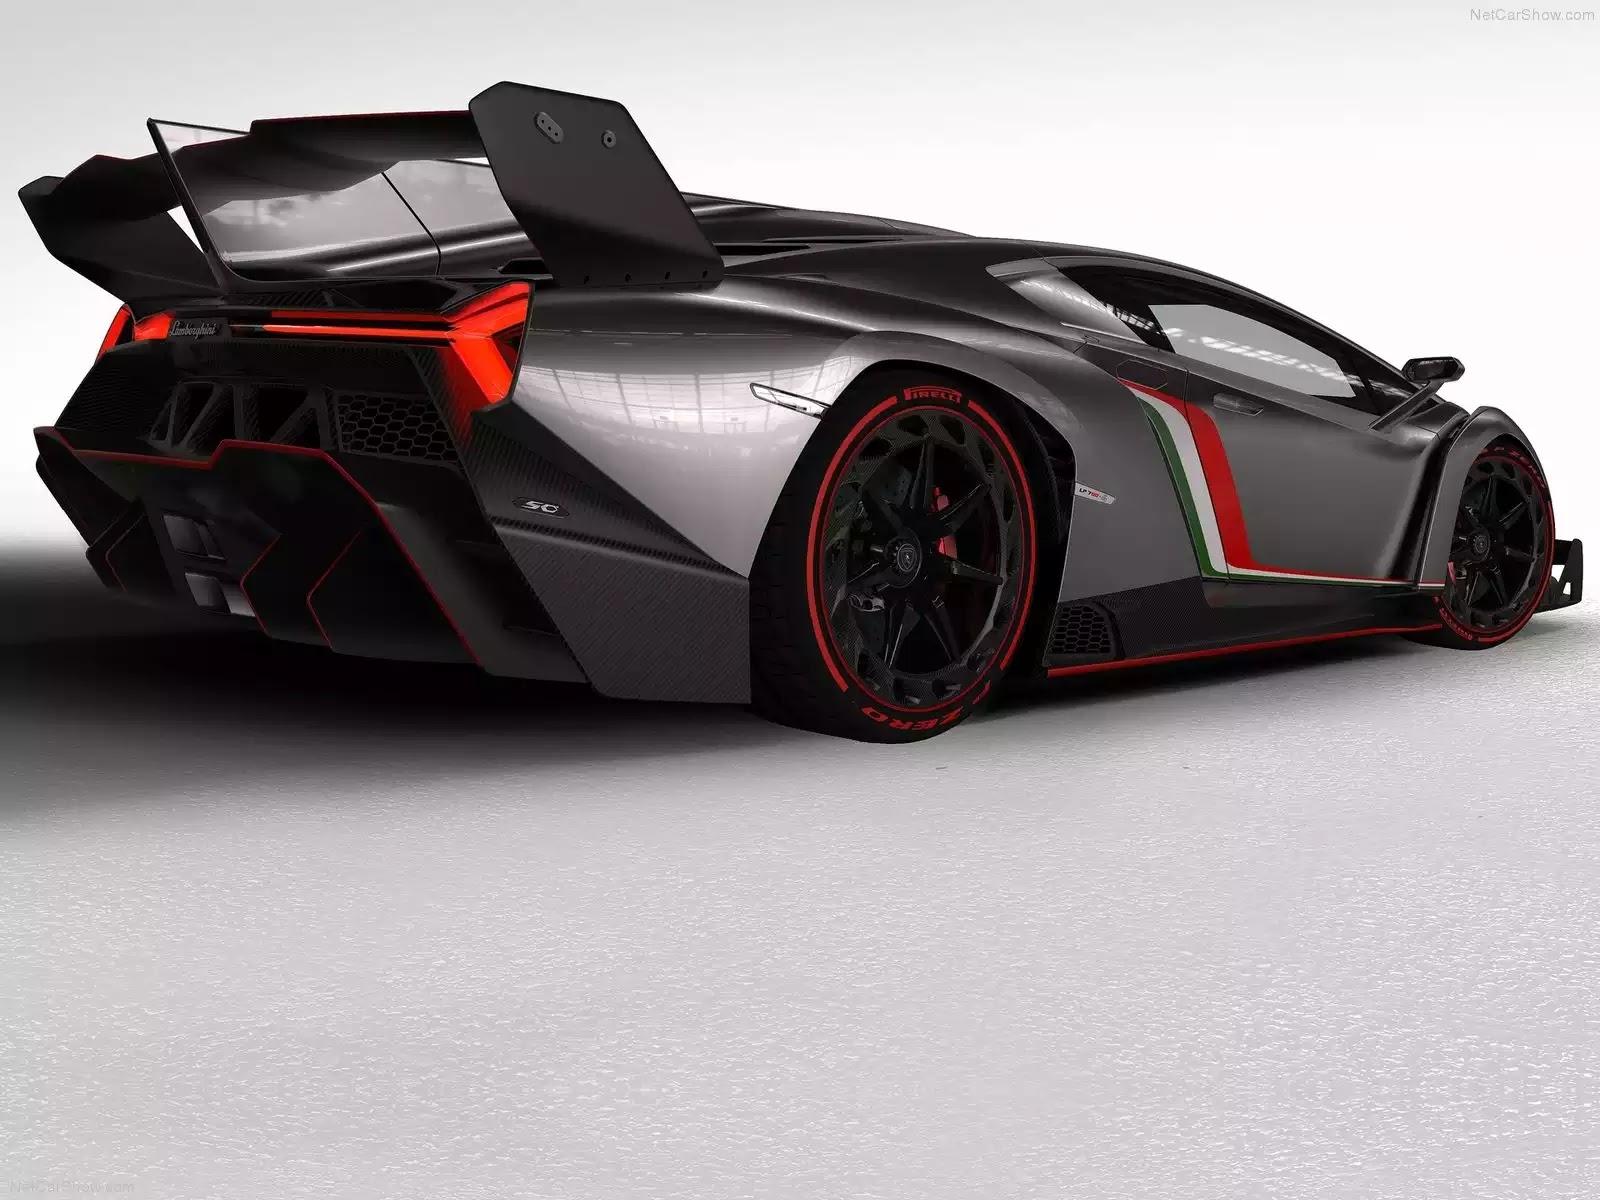 Hình ảnh siêu xe Lamborghini Veneno 2013 & nội ngoại thất